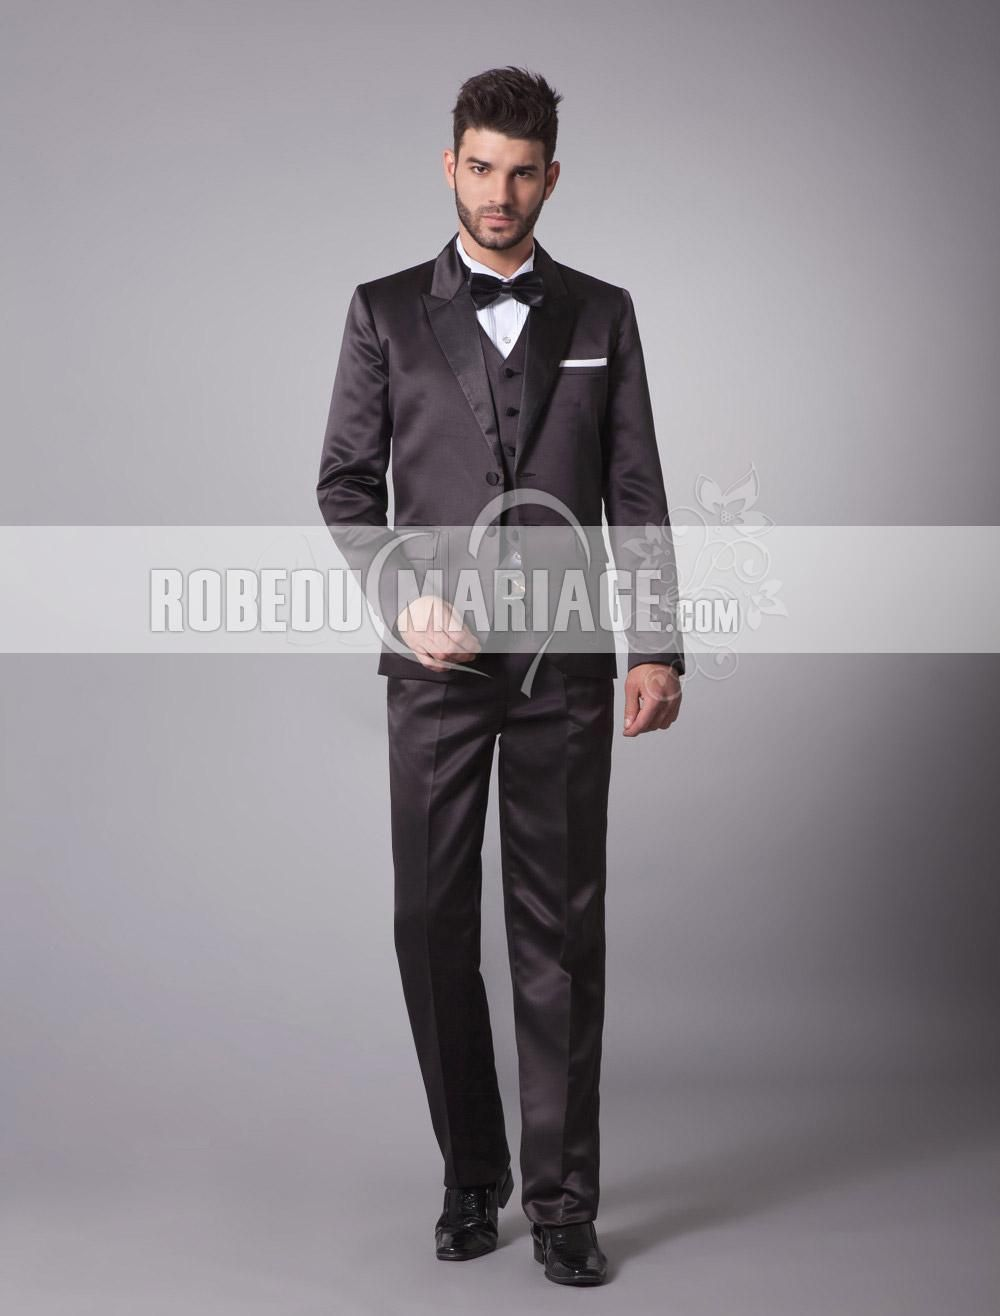 07c406a901d1 Costume homme costume mariage sur mesure Prix   €91,99 Cliquez pour plus d